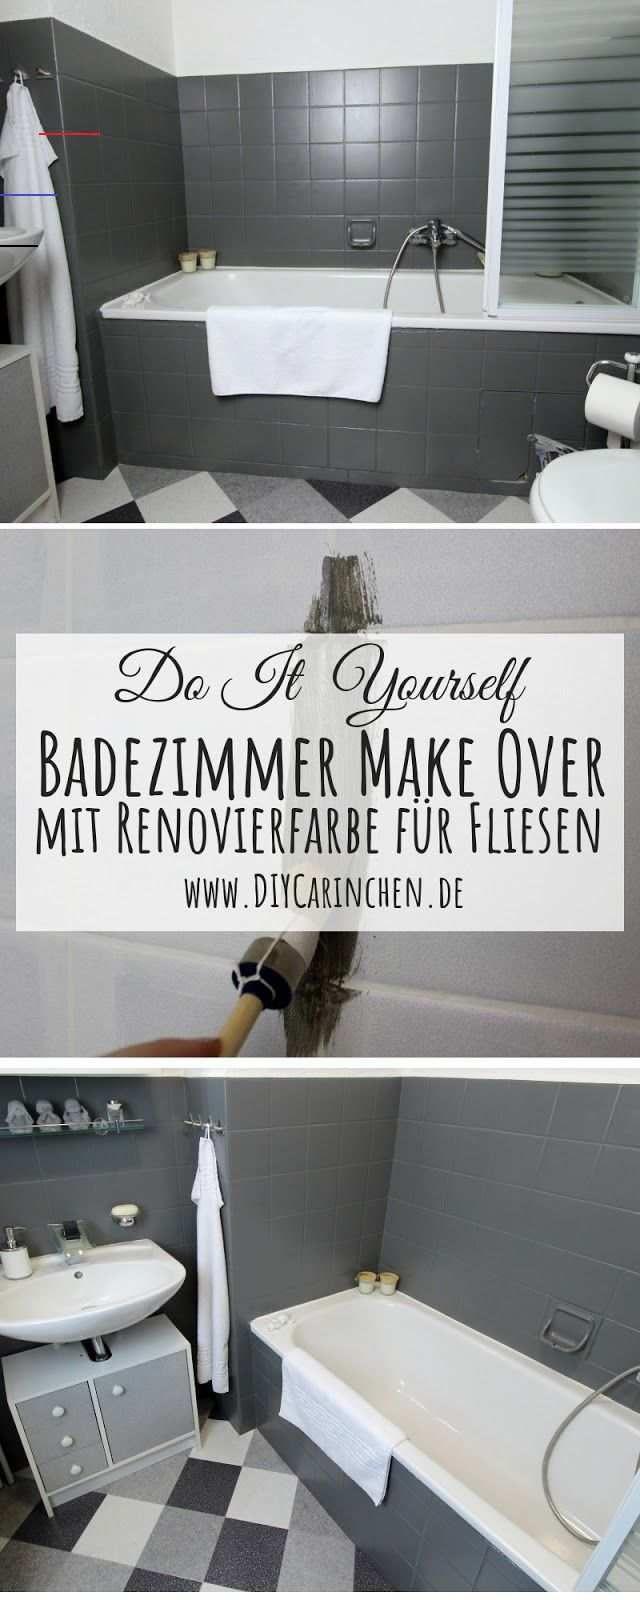 Diy Badezimmer Streichen Und Renovieren Mit Fliesenfarbe Anzeige Diy Diy Badezimmer Make Over In 2020 Bathroom Renovations Bathrooms Remodel Diy Bathroom Decor